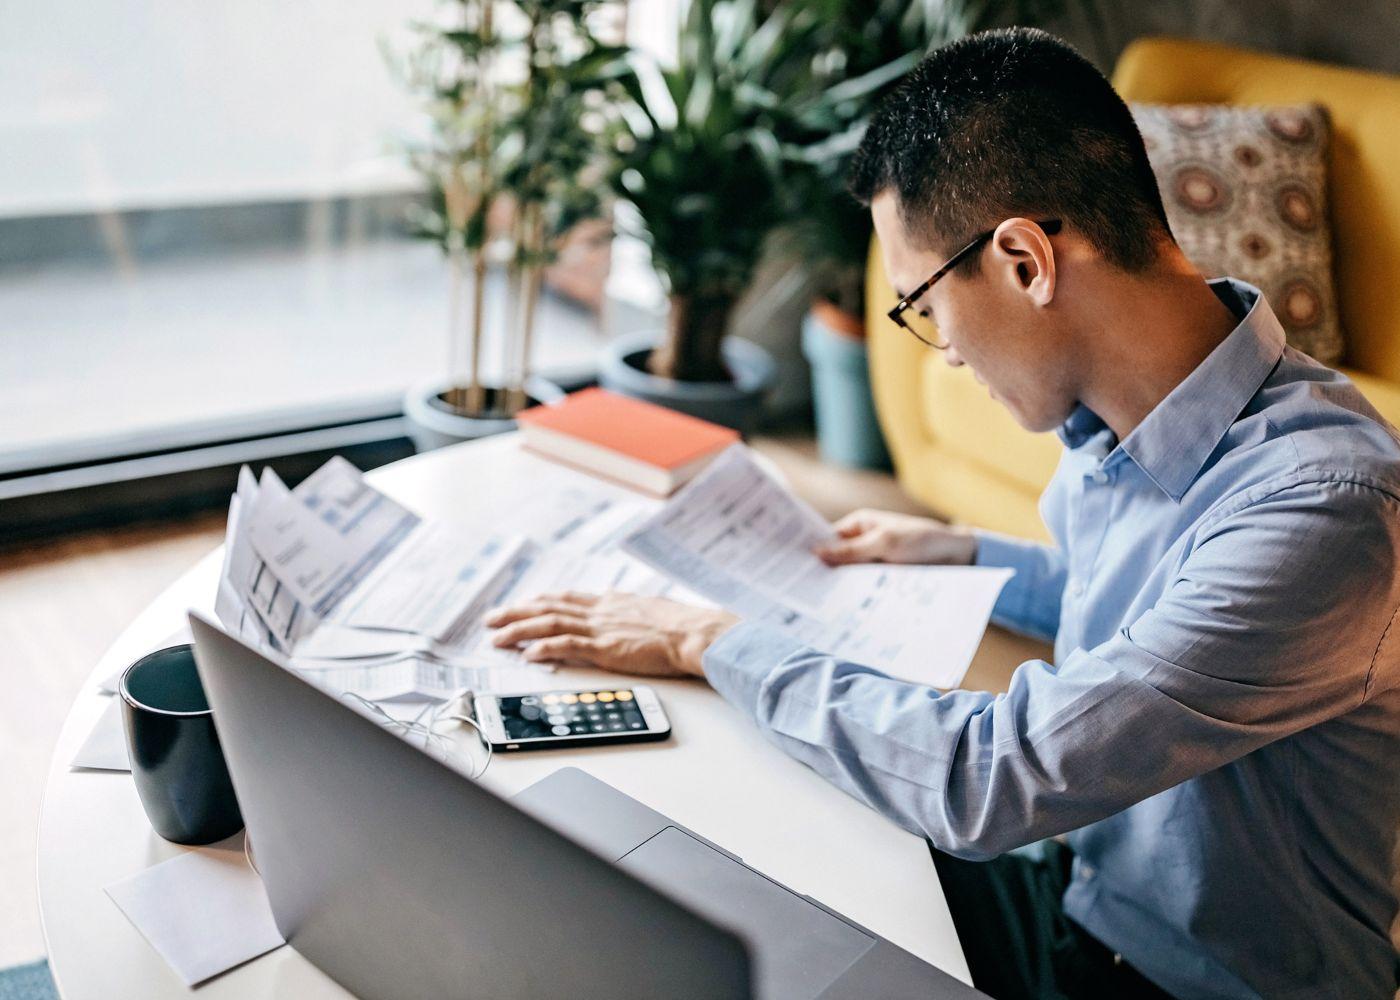 jovem a trabalhar com computador e documentos